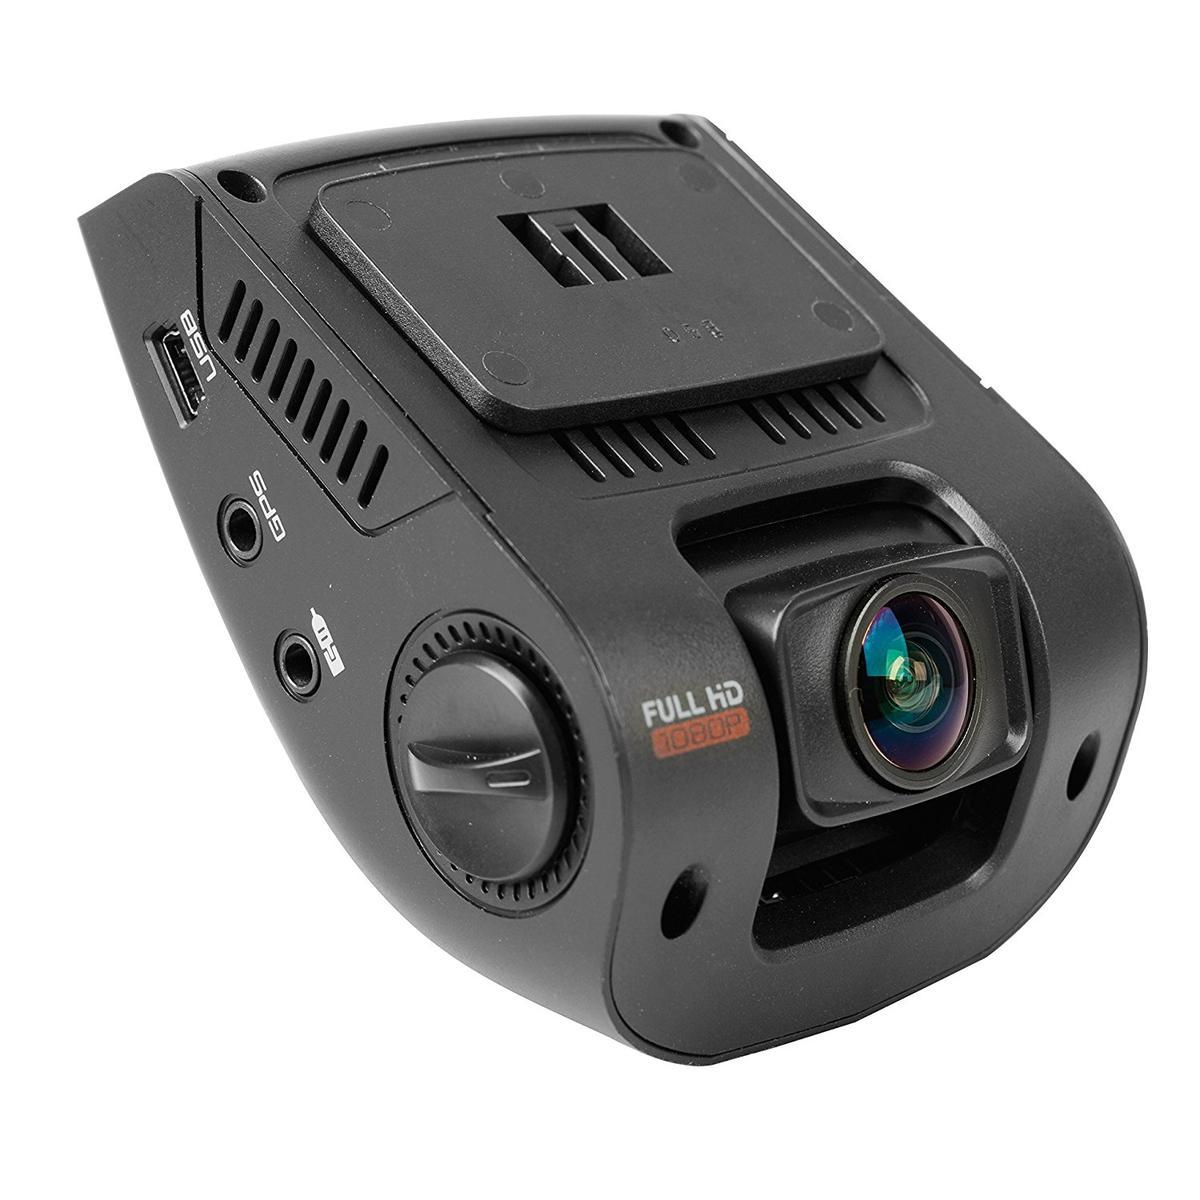 ドライブレコーダー Rexing HD 1920x1080p 170 ワイドアングル 運転 ドライブ 補助 グッズ